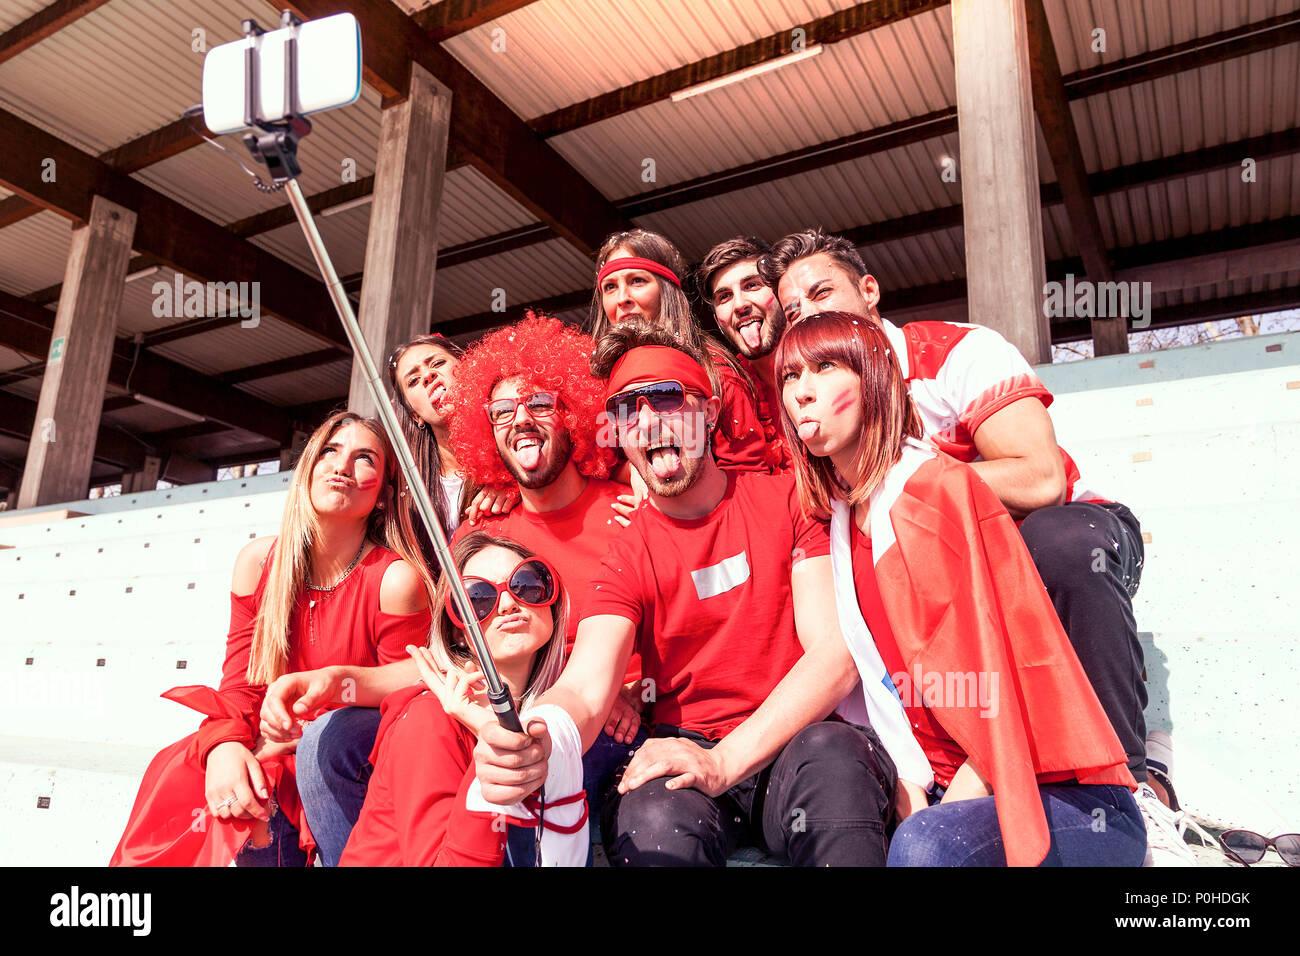 Gruppo di fan vestiti di rosso il colore prende un selfie nelle gabbie di  uno stadio e2beb1998fa